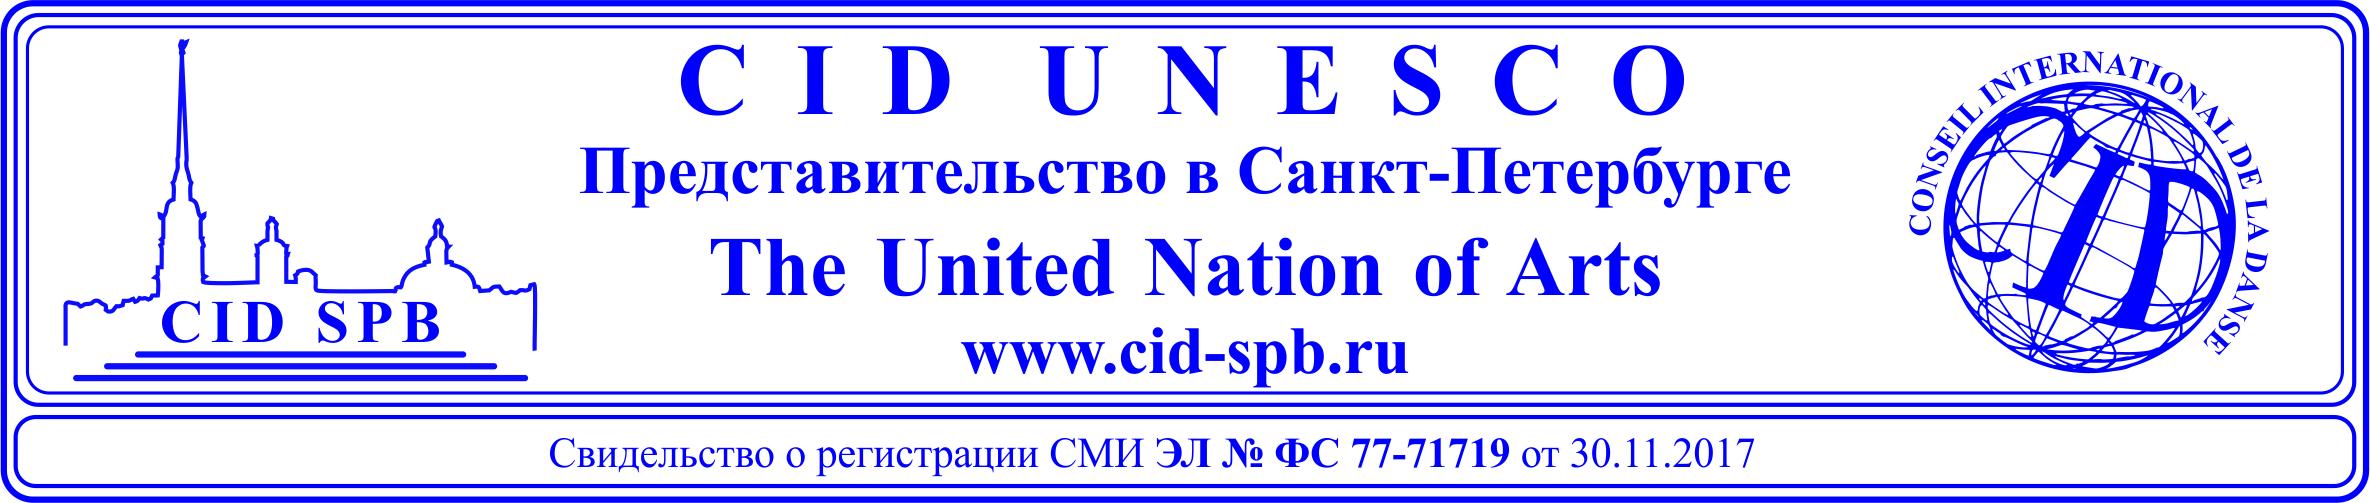 Представительство CID в Санкт-Петербурге